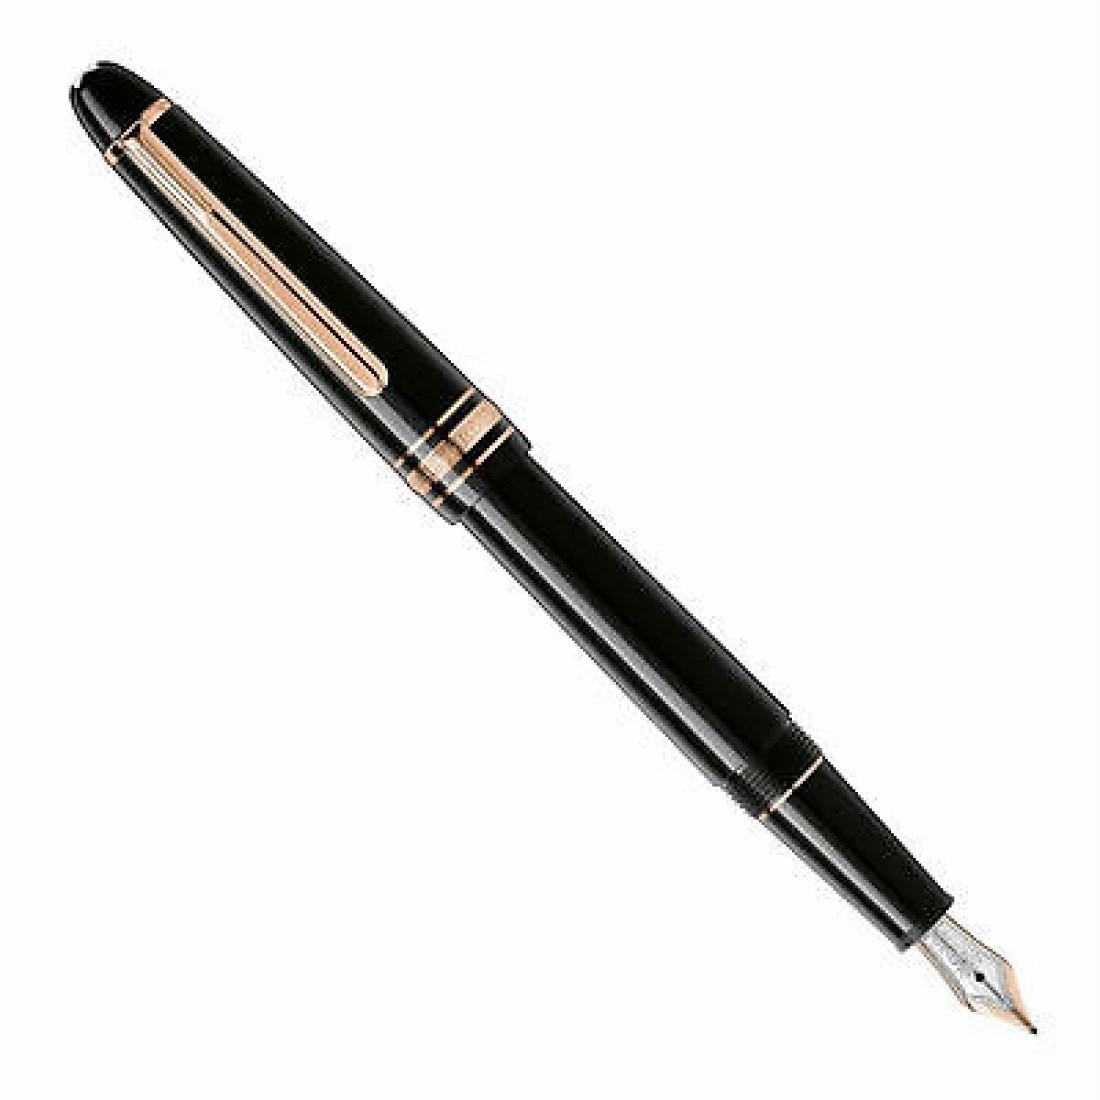 Penna Stilografica con pennino e finiture in oro rosso - MONTBLANC